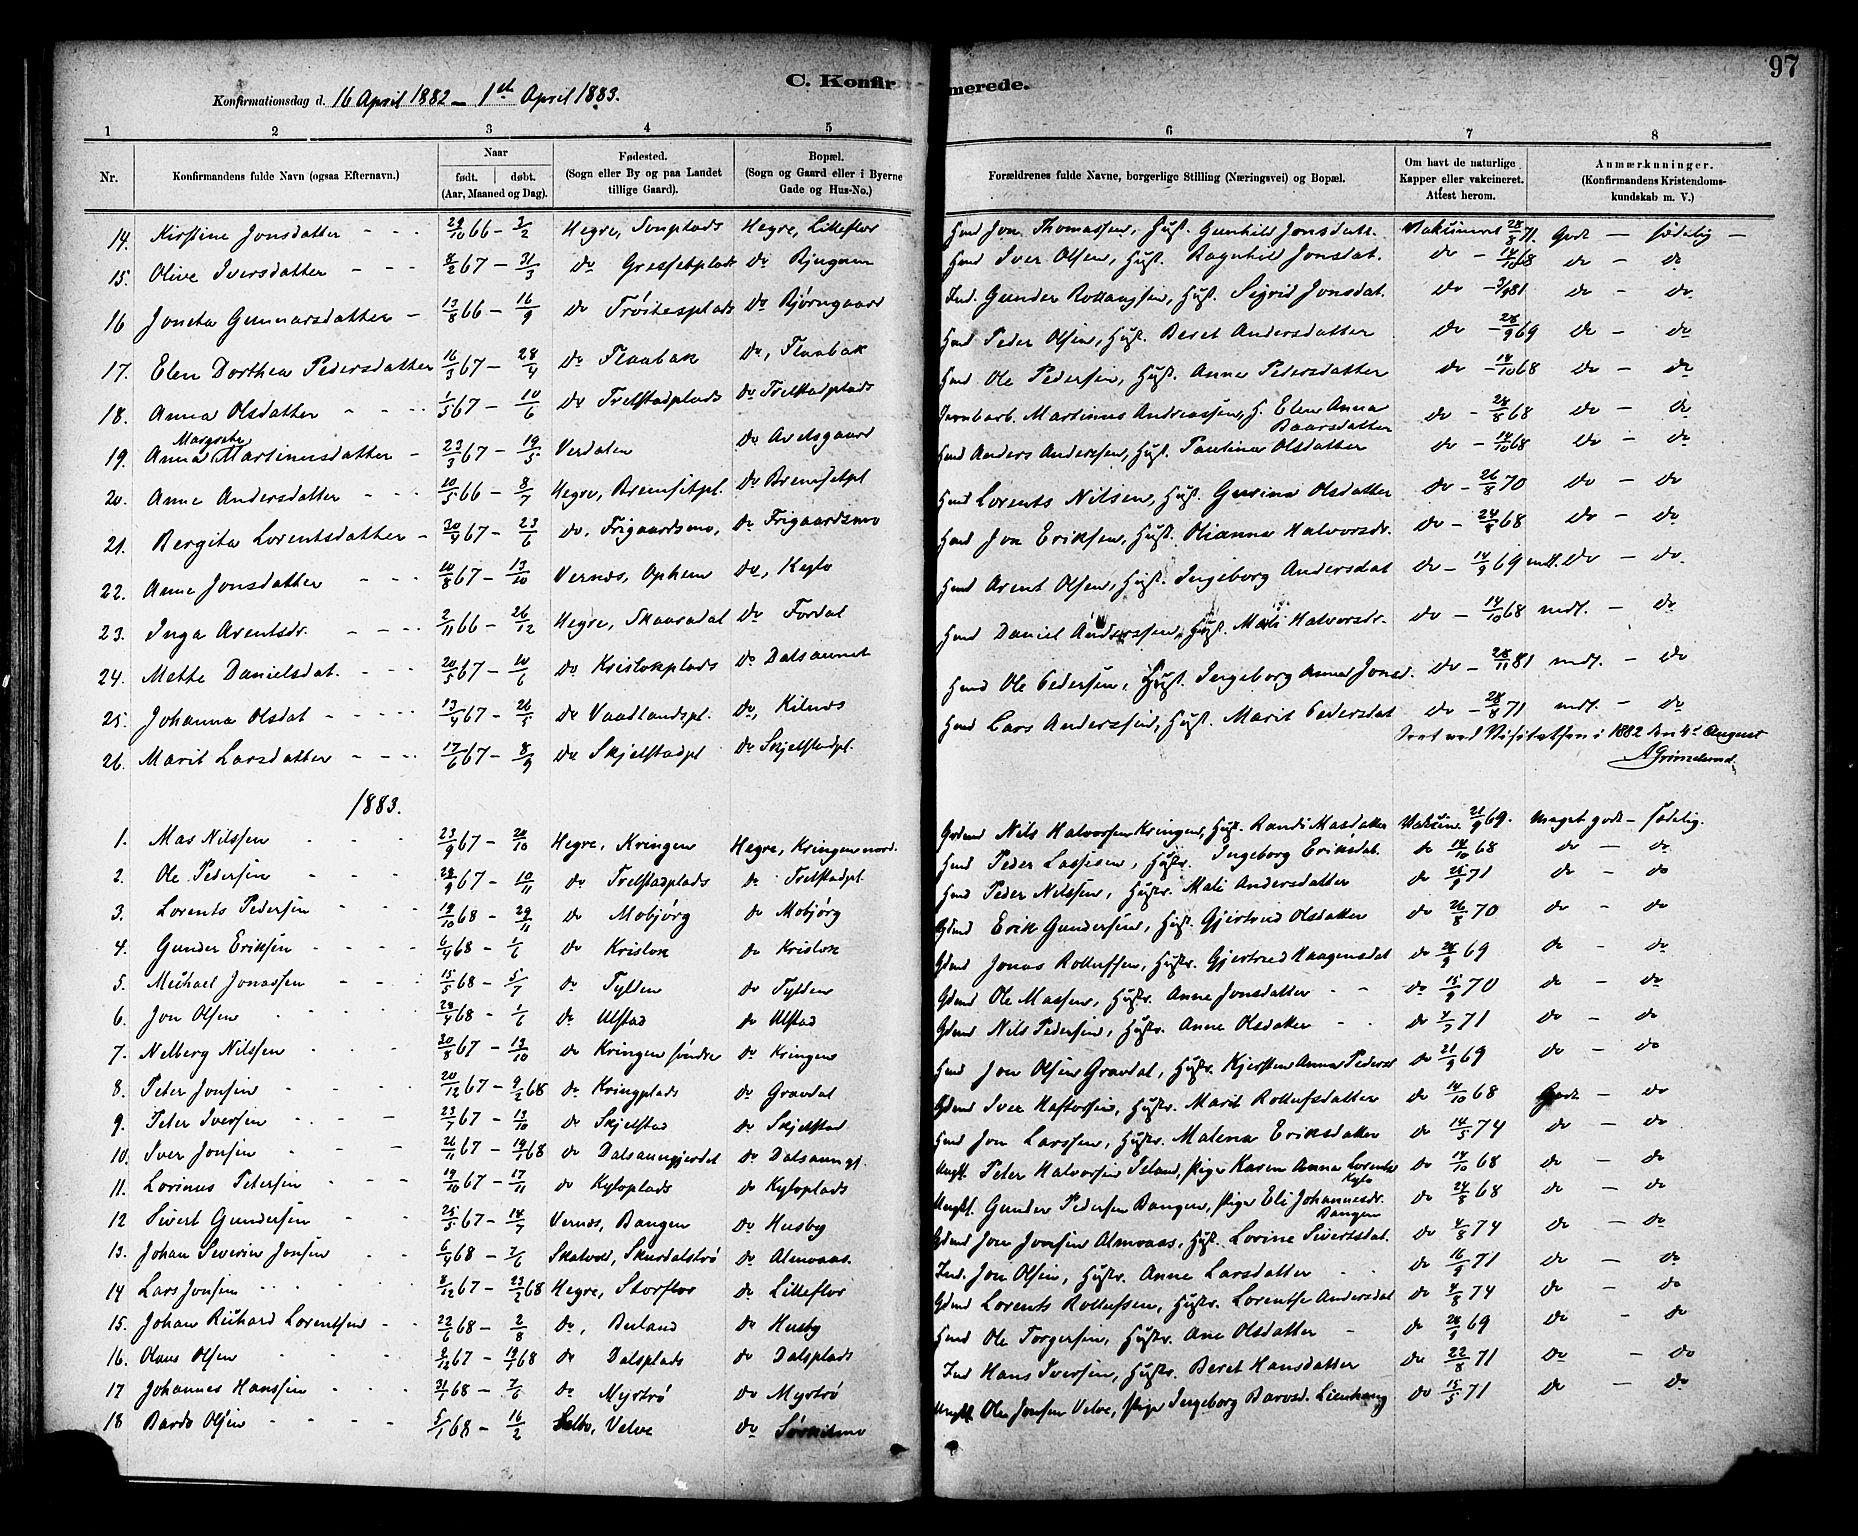 SAT, Ministerialprotokoller, klokkerbøker og fødselsregistre - Nord-Trøndelag, 703/L0030: Parish register (official) no. 703A03, 1880-1892, p. 97